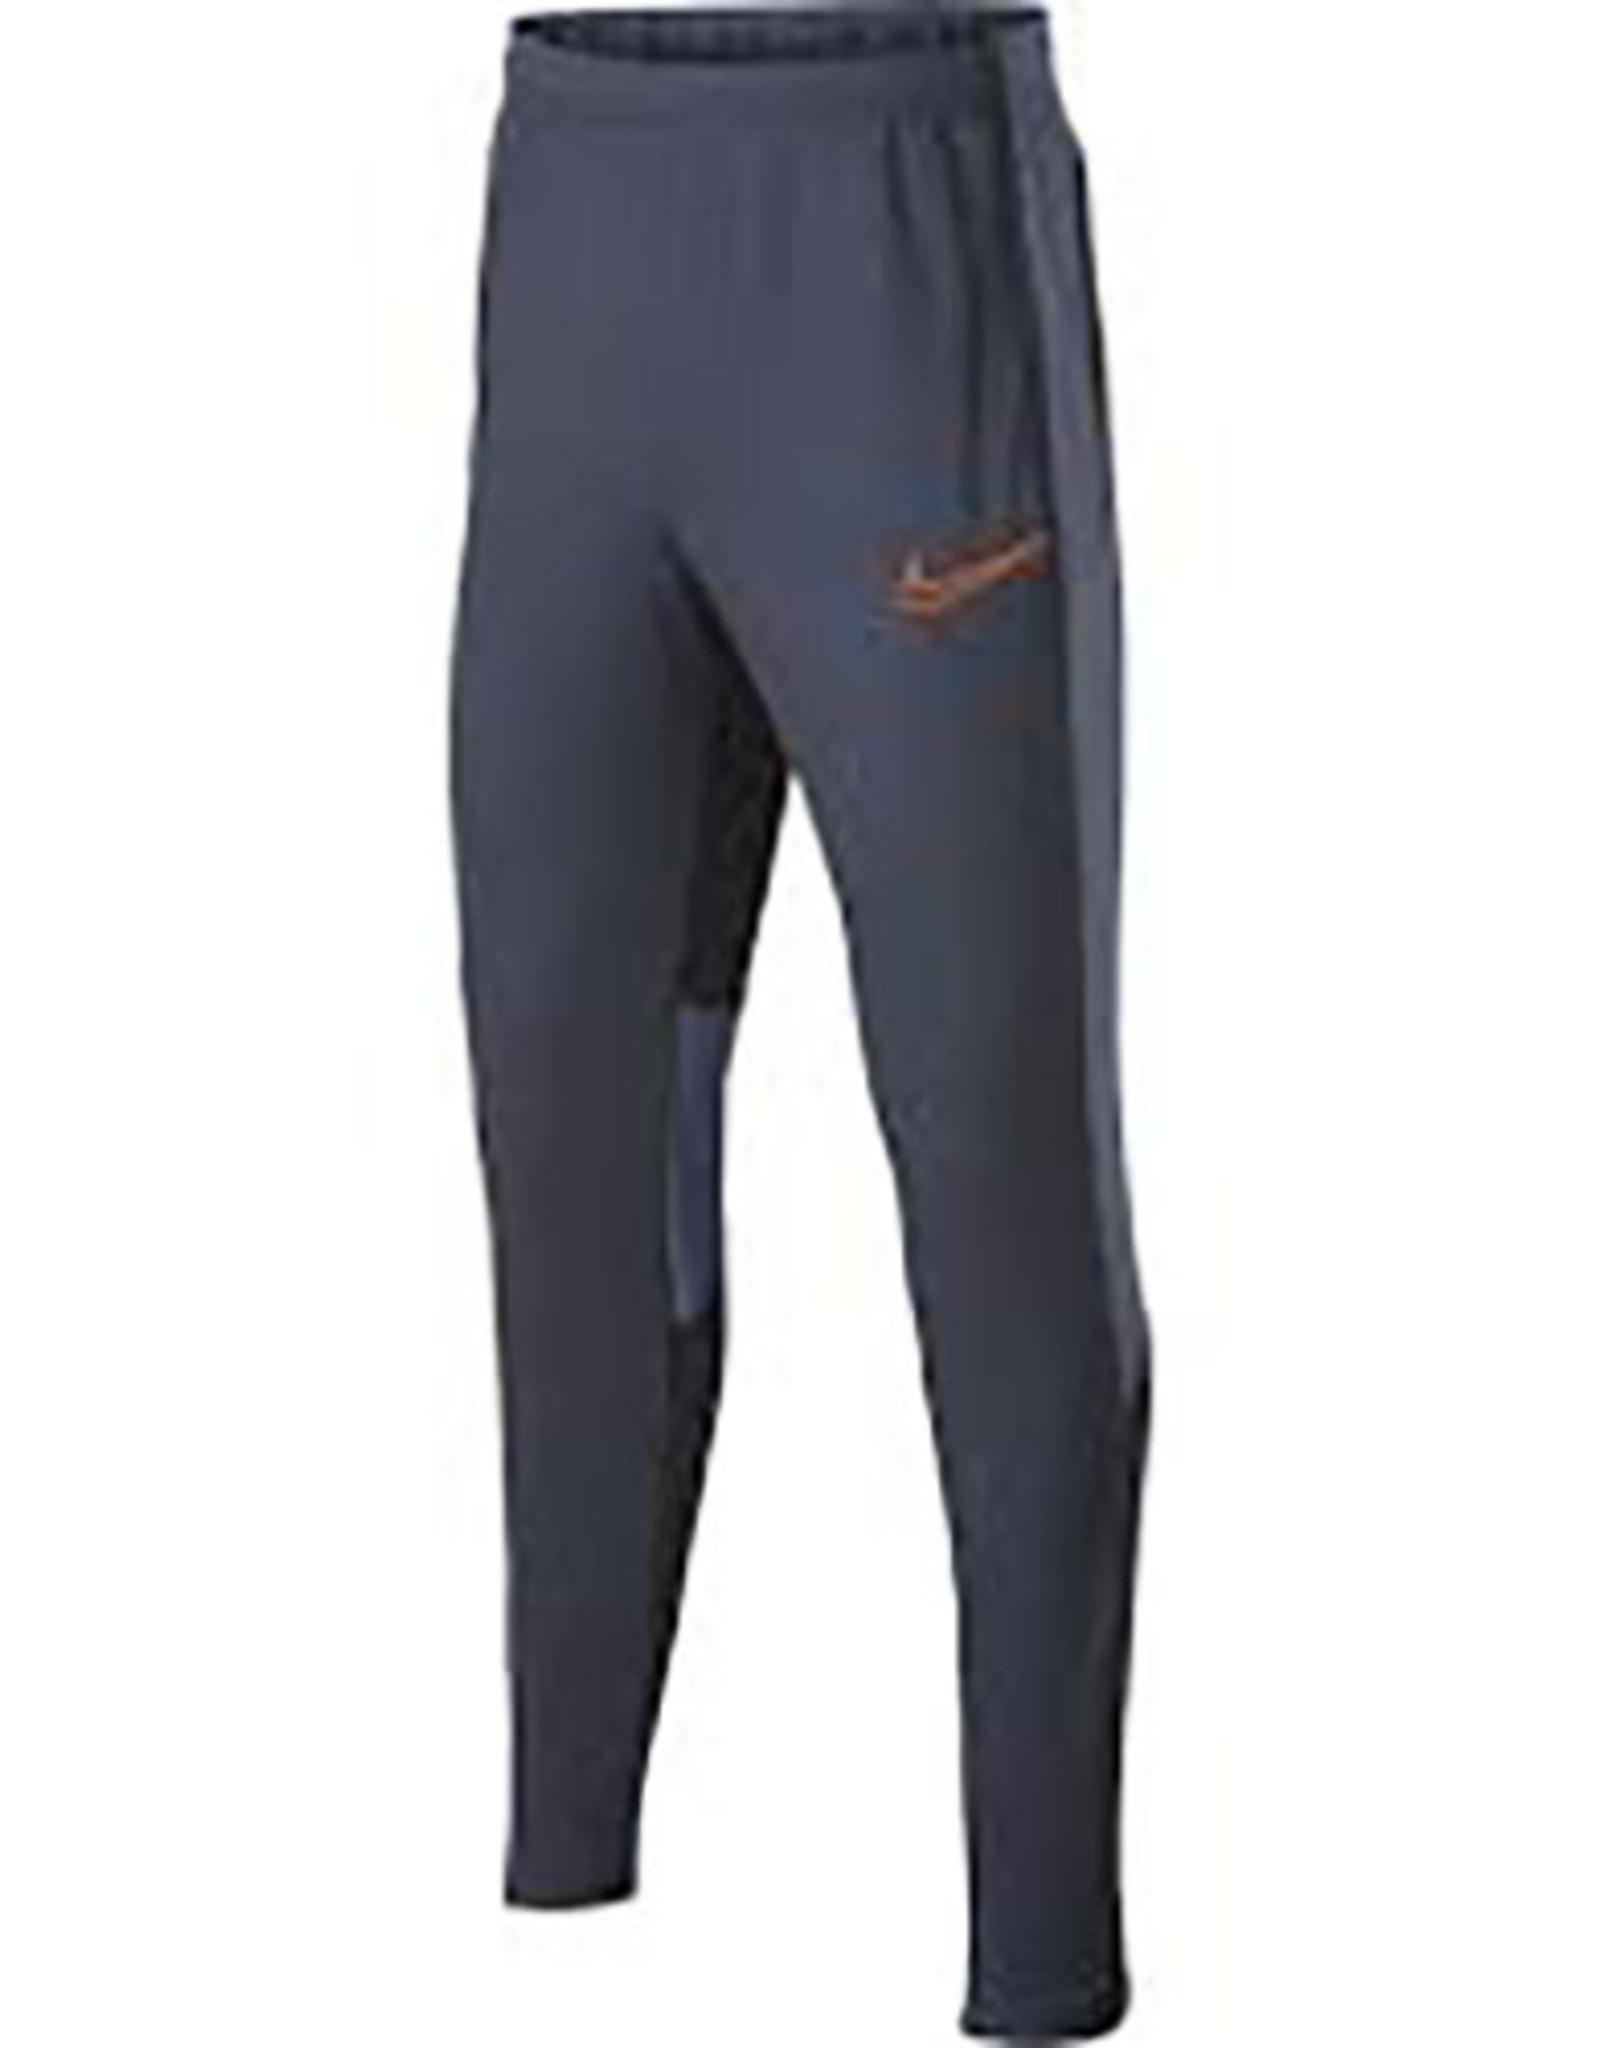 Nike Nike broek aq3720